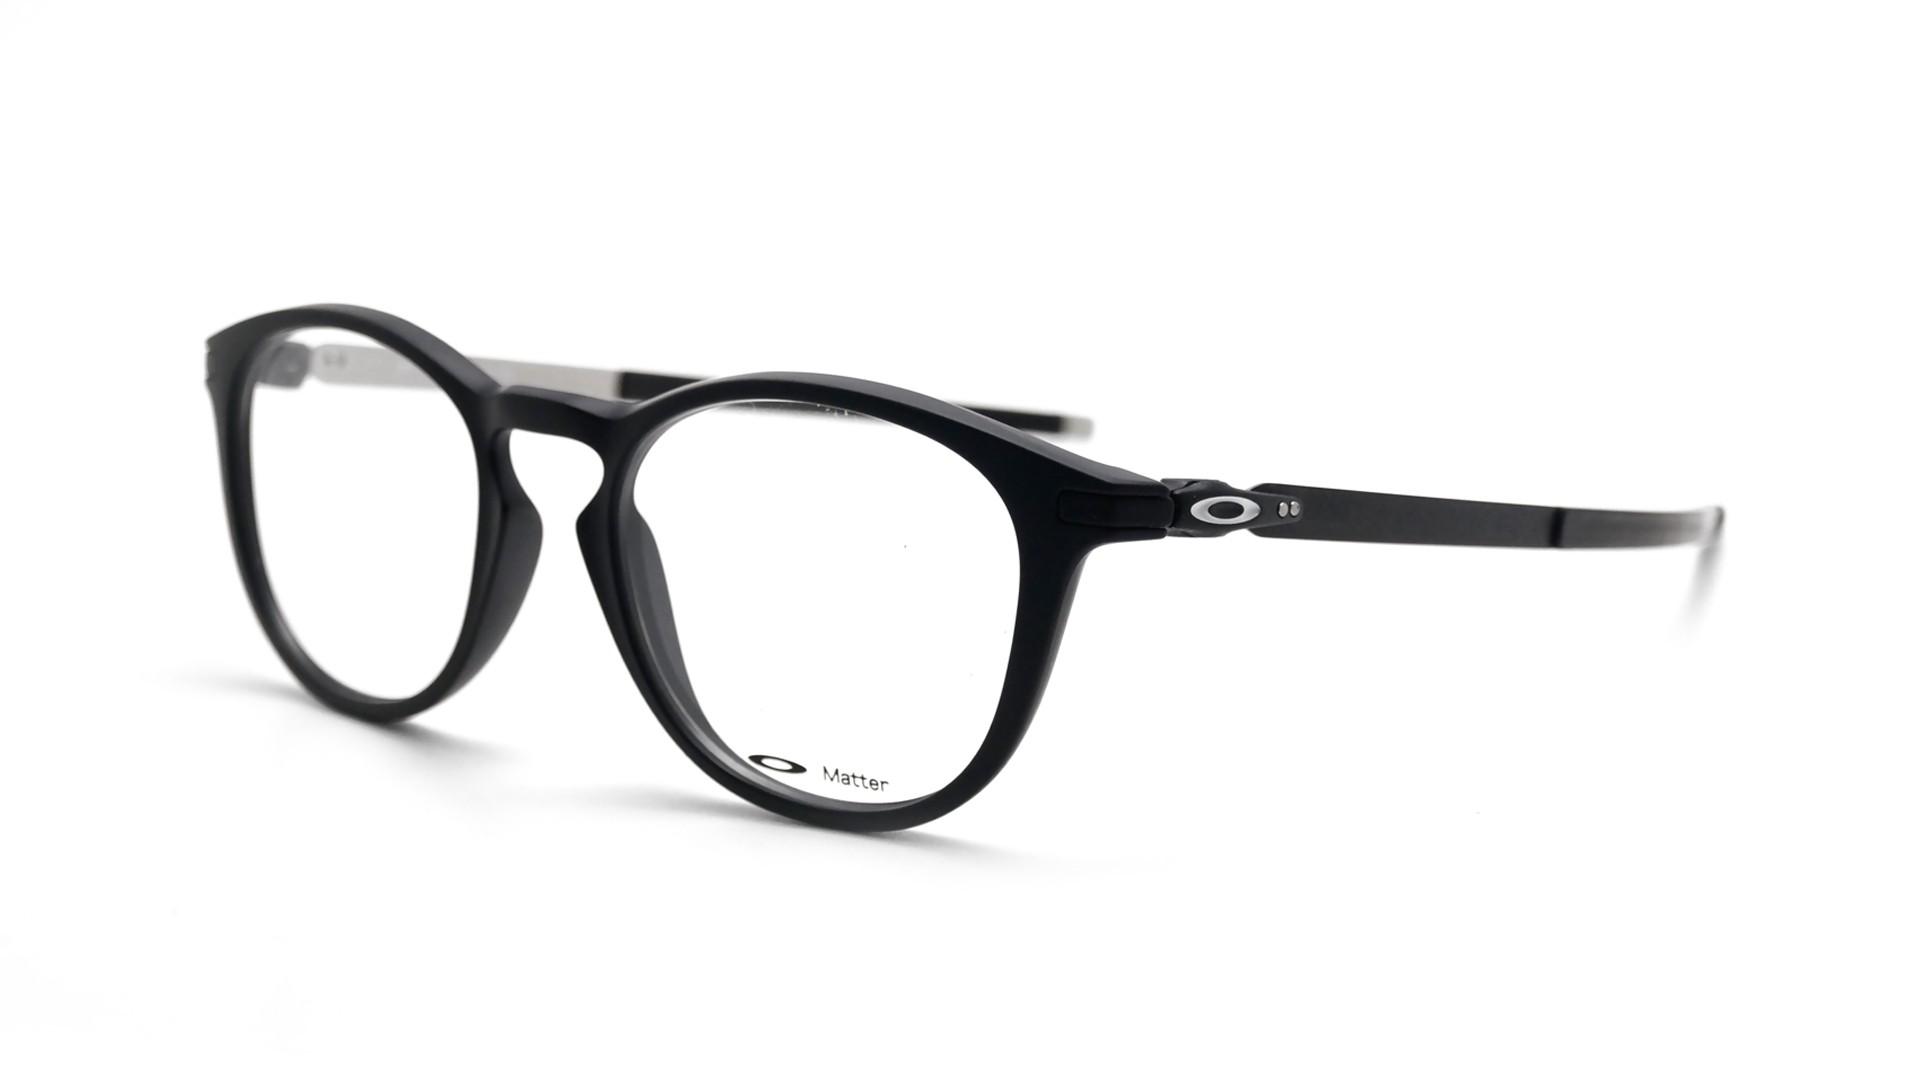 Eyeglasses Oakley Pitchman R Black OX8105 01 50-19 Medium 2836a59e5a1